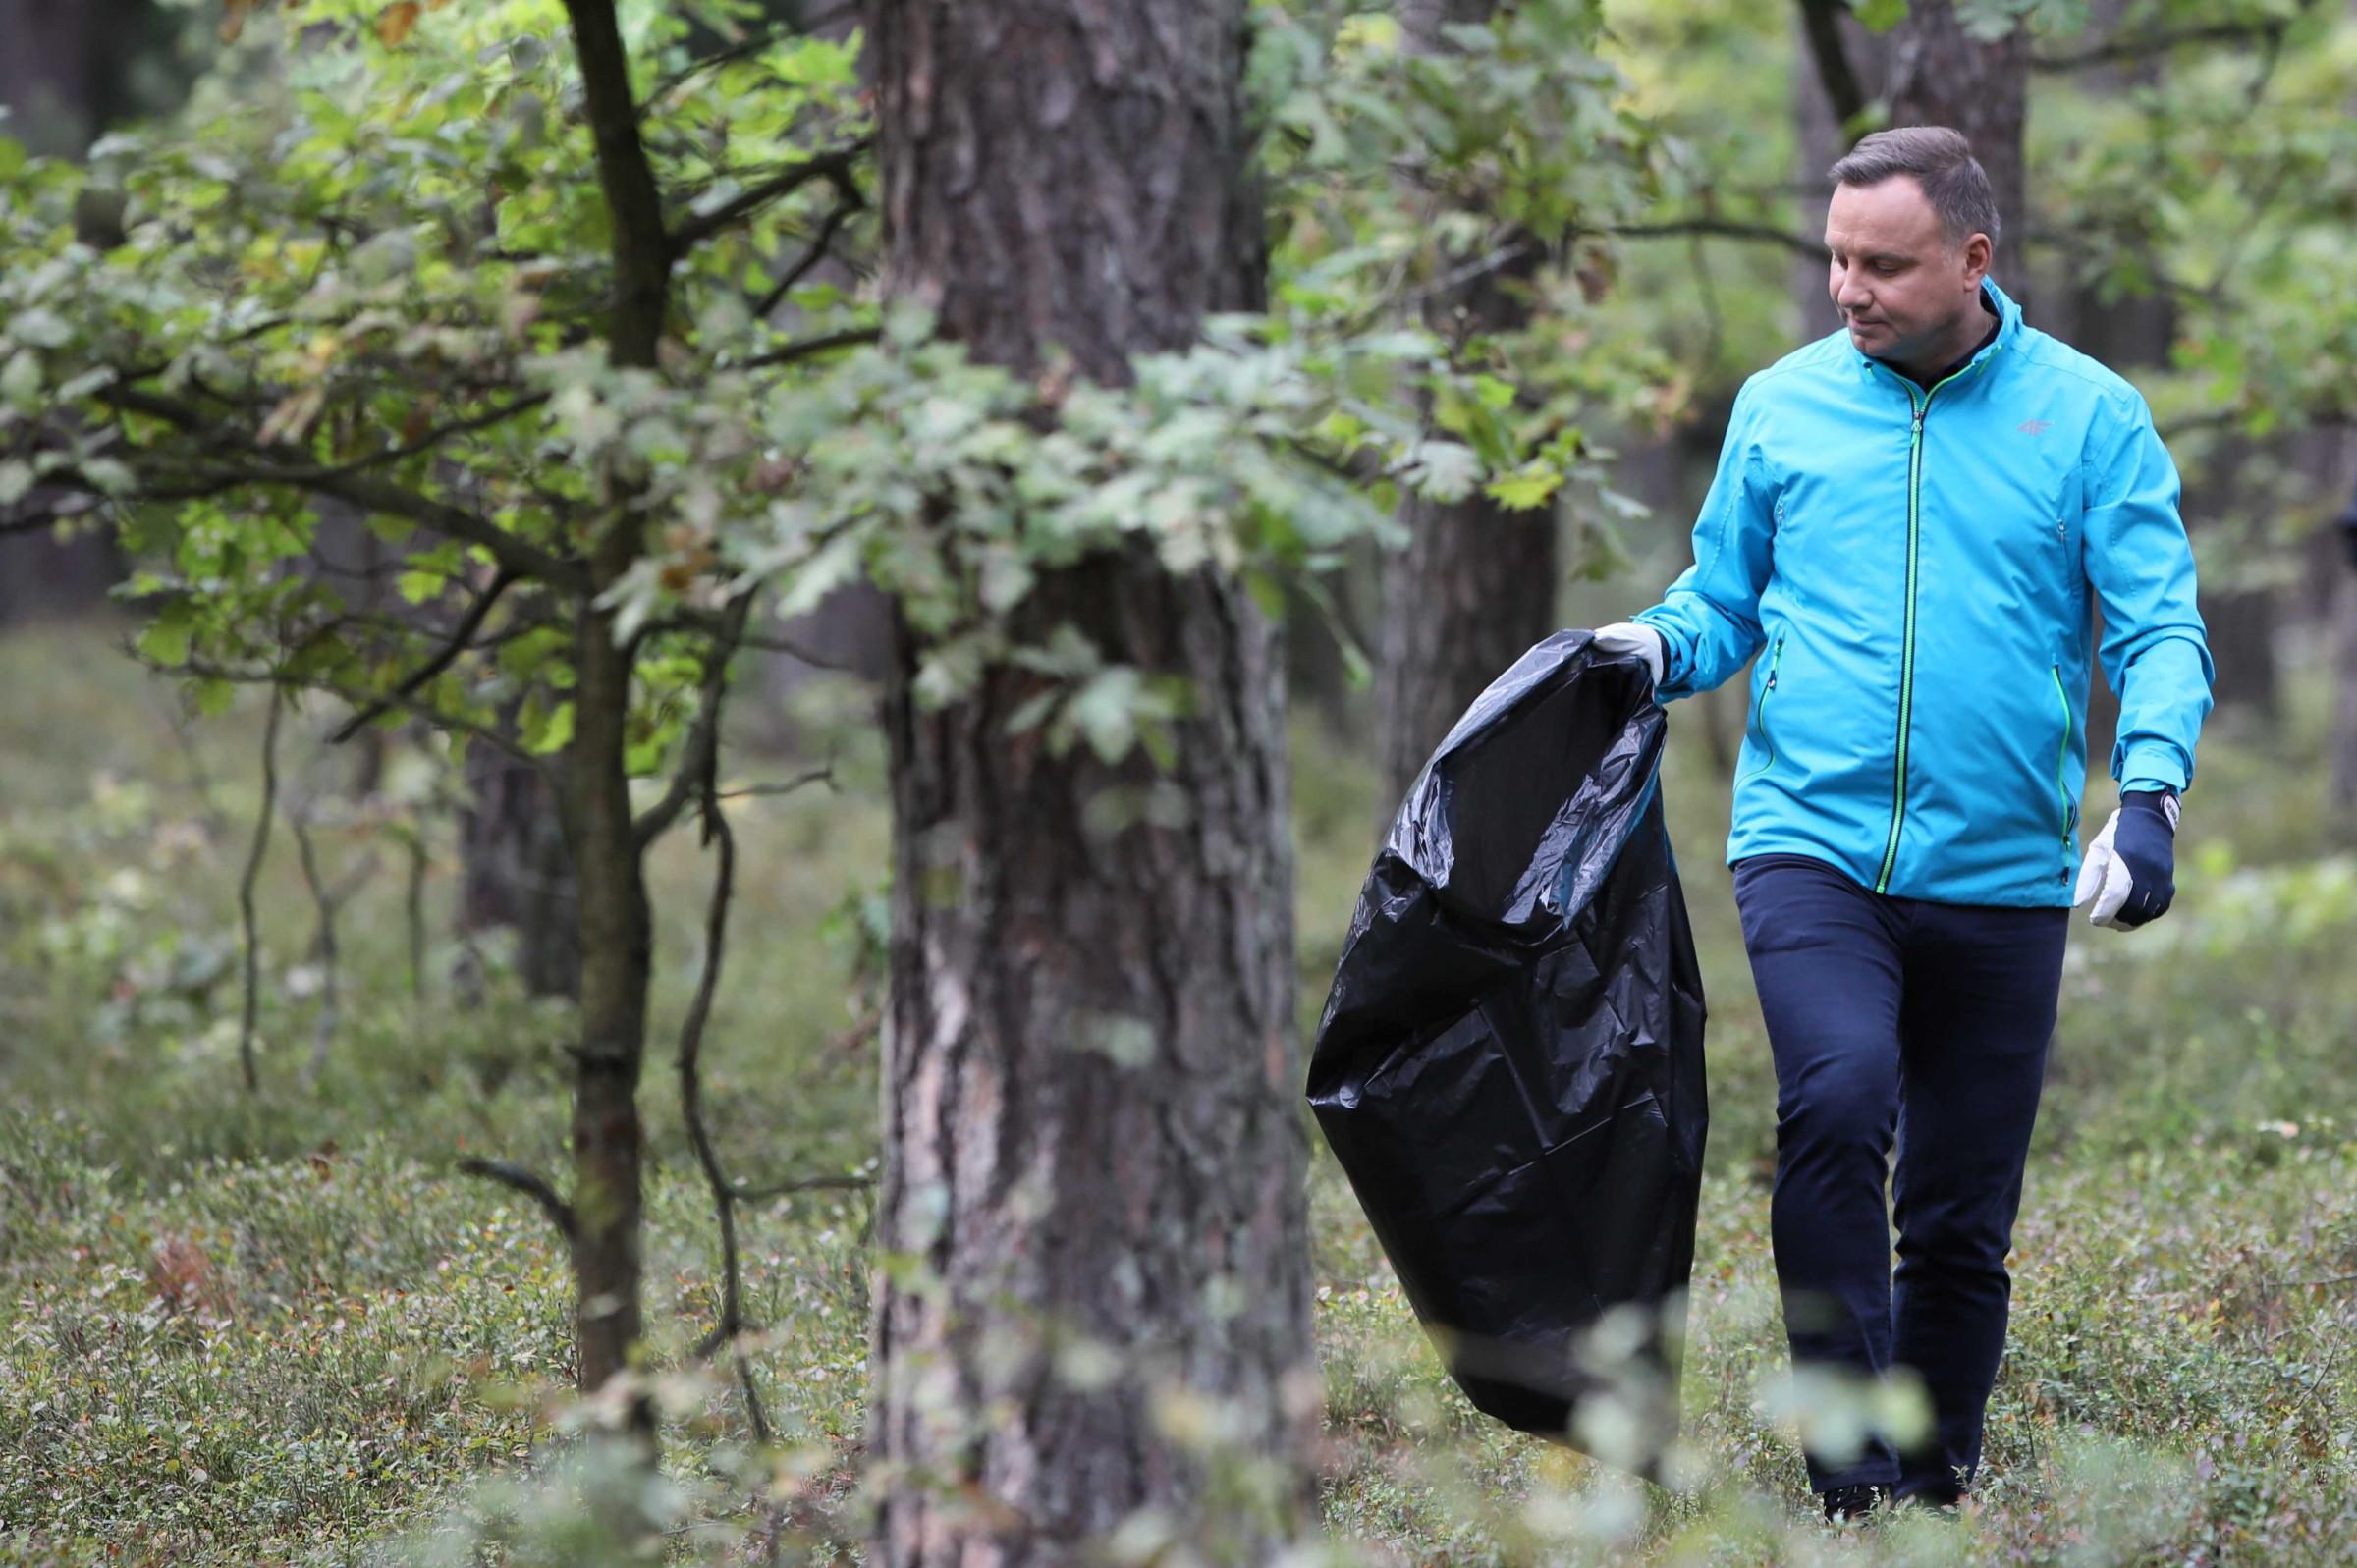 Prezydent Andrzej Duda zainaugurował ogólnopolską akcję sprzątania lasu